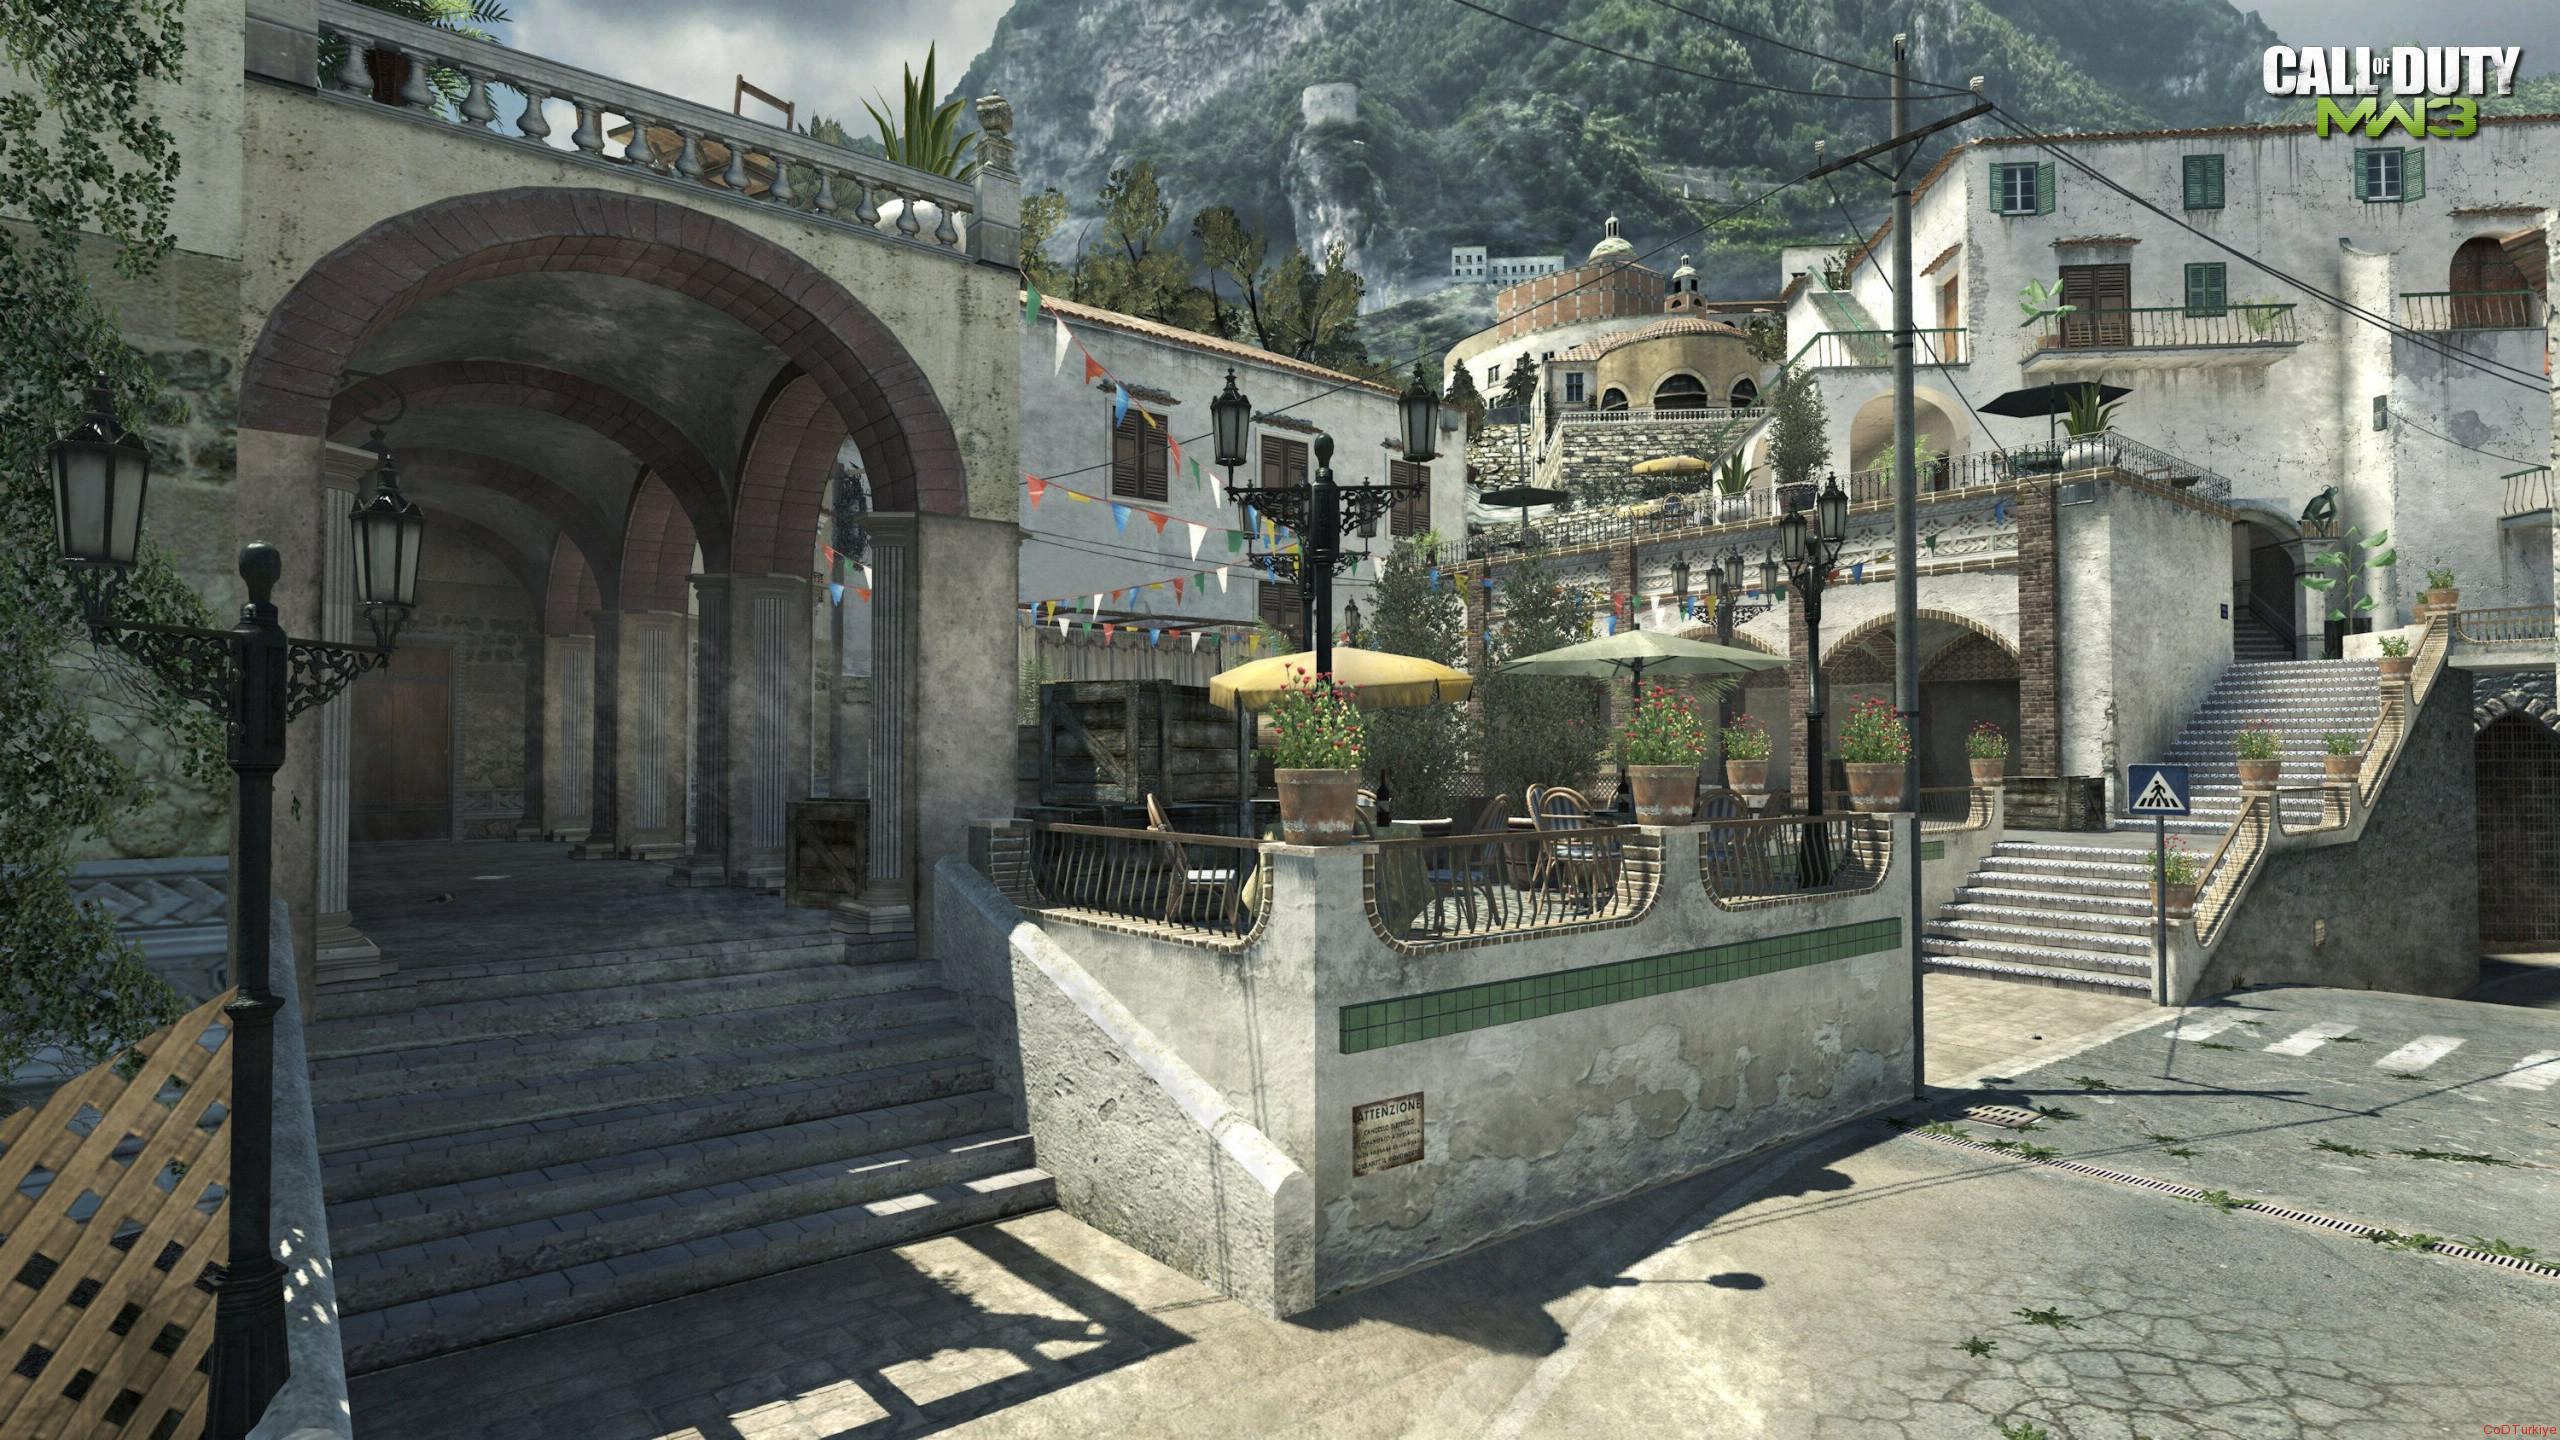 Call of Duty 8 Modern Warfare 3 Gameplay Ekran Görüntüleri